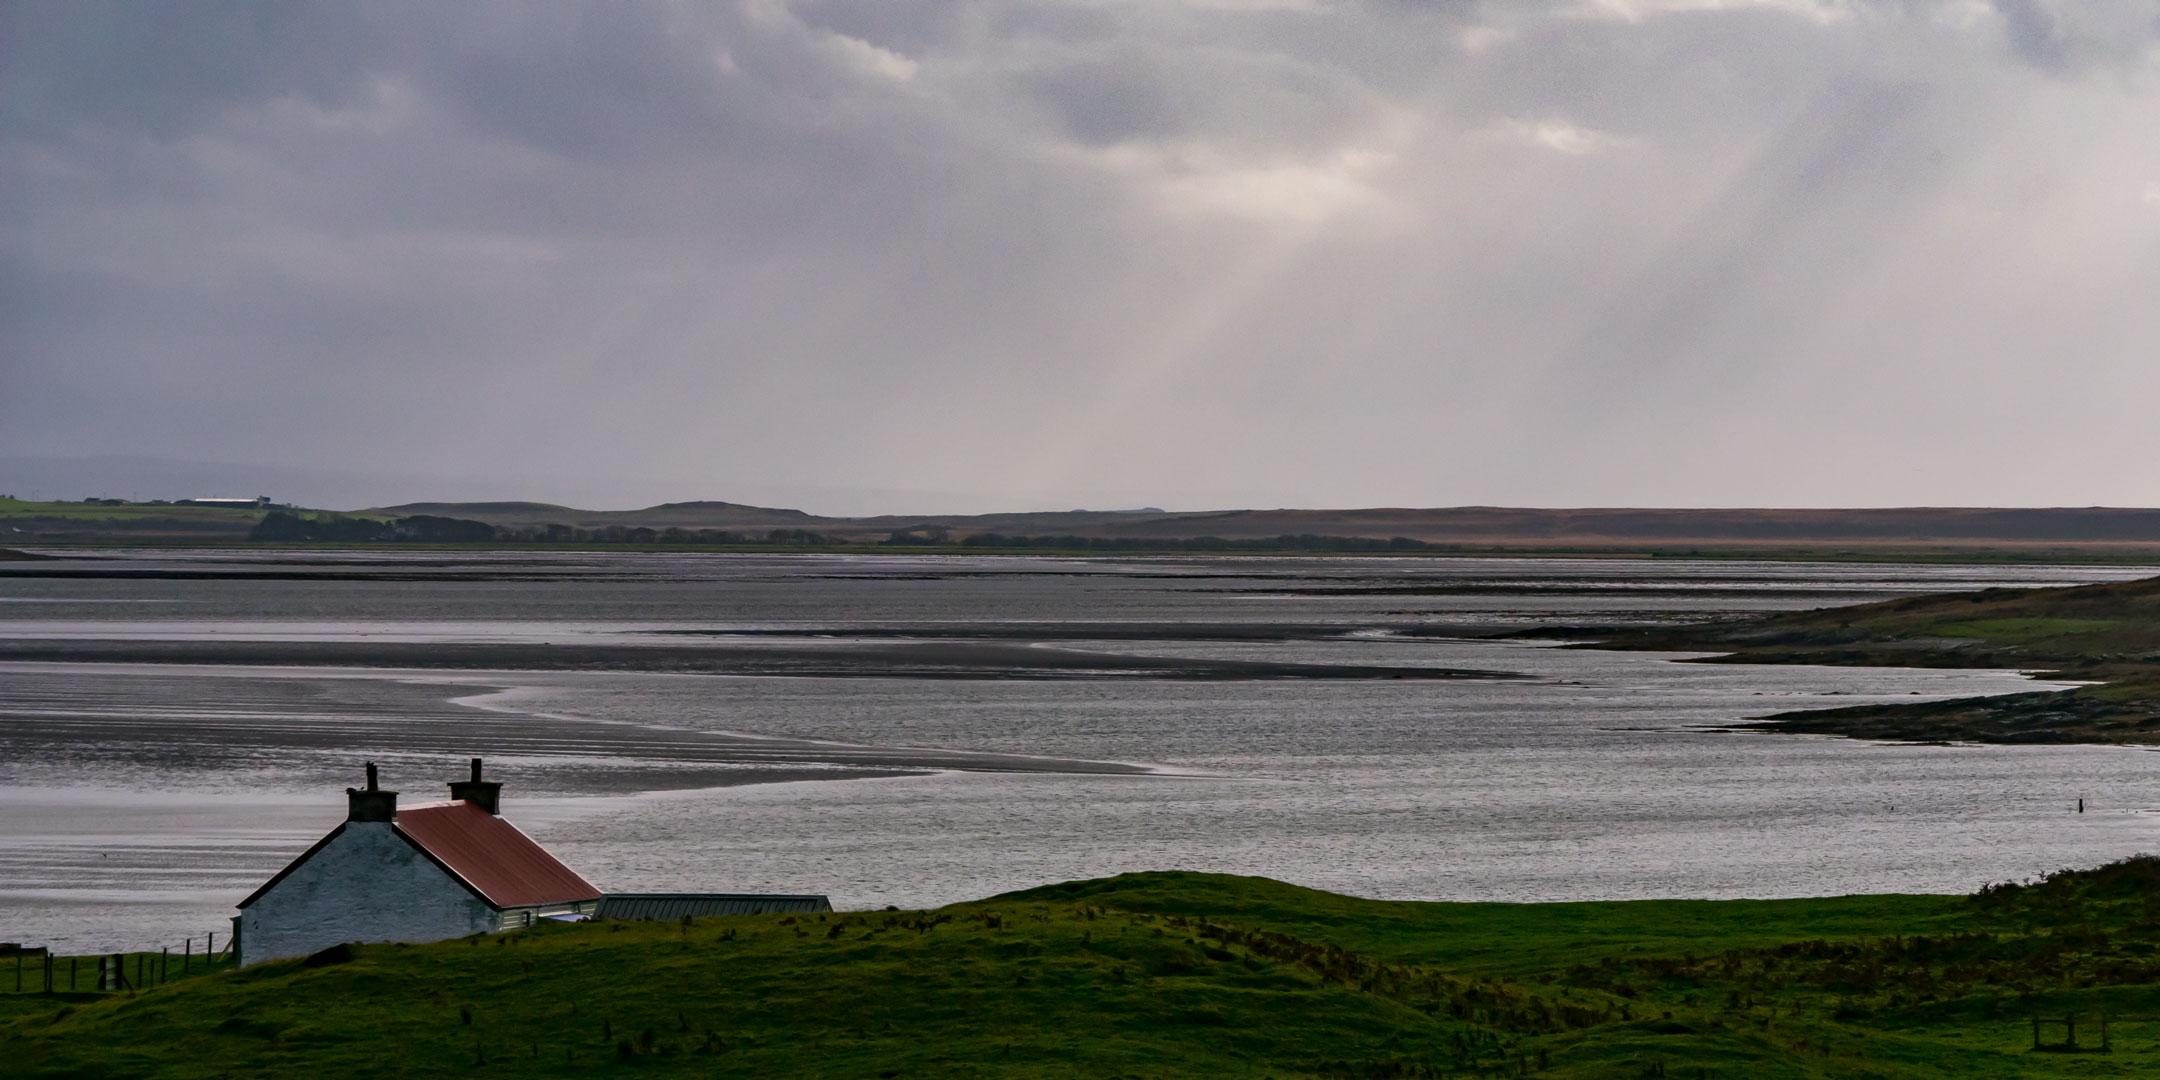 An eventful view, Islay!